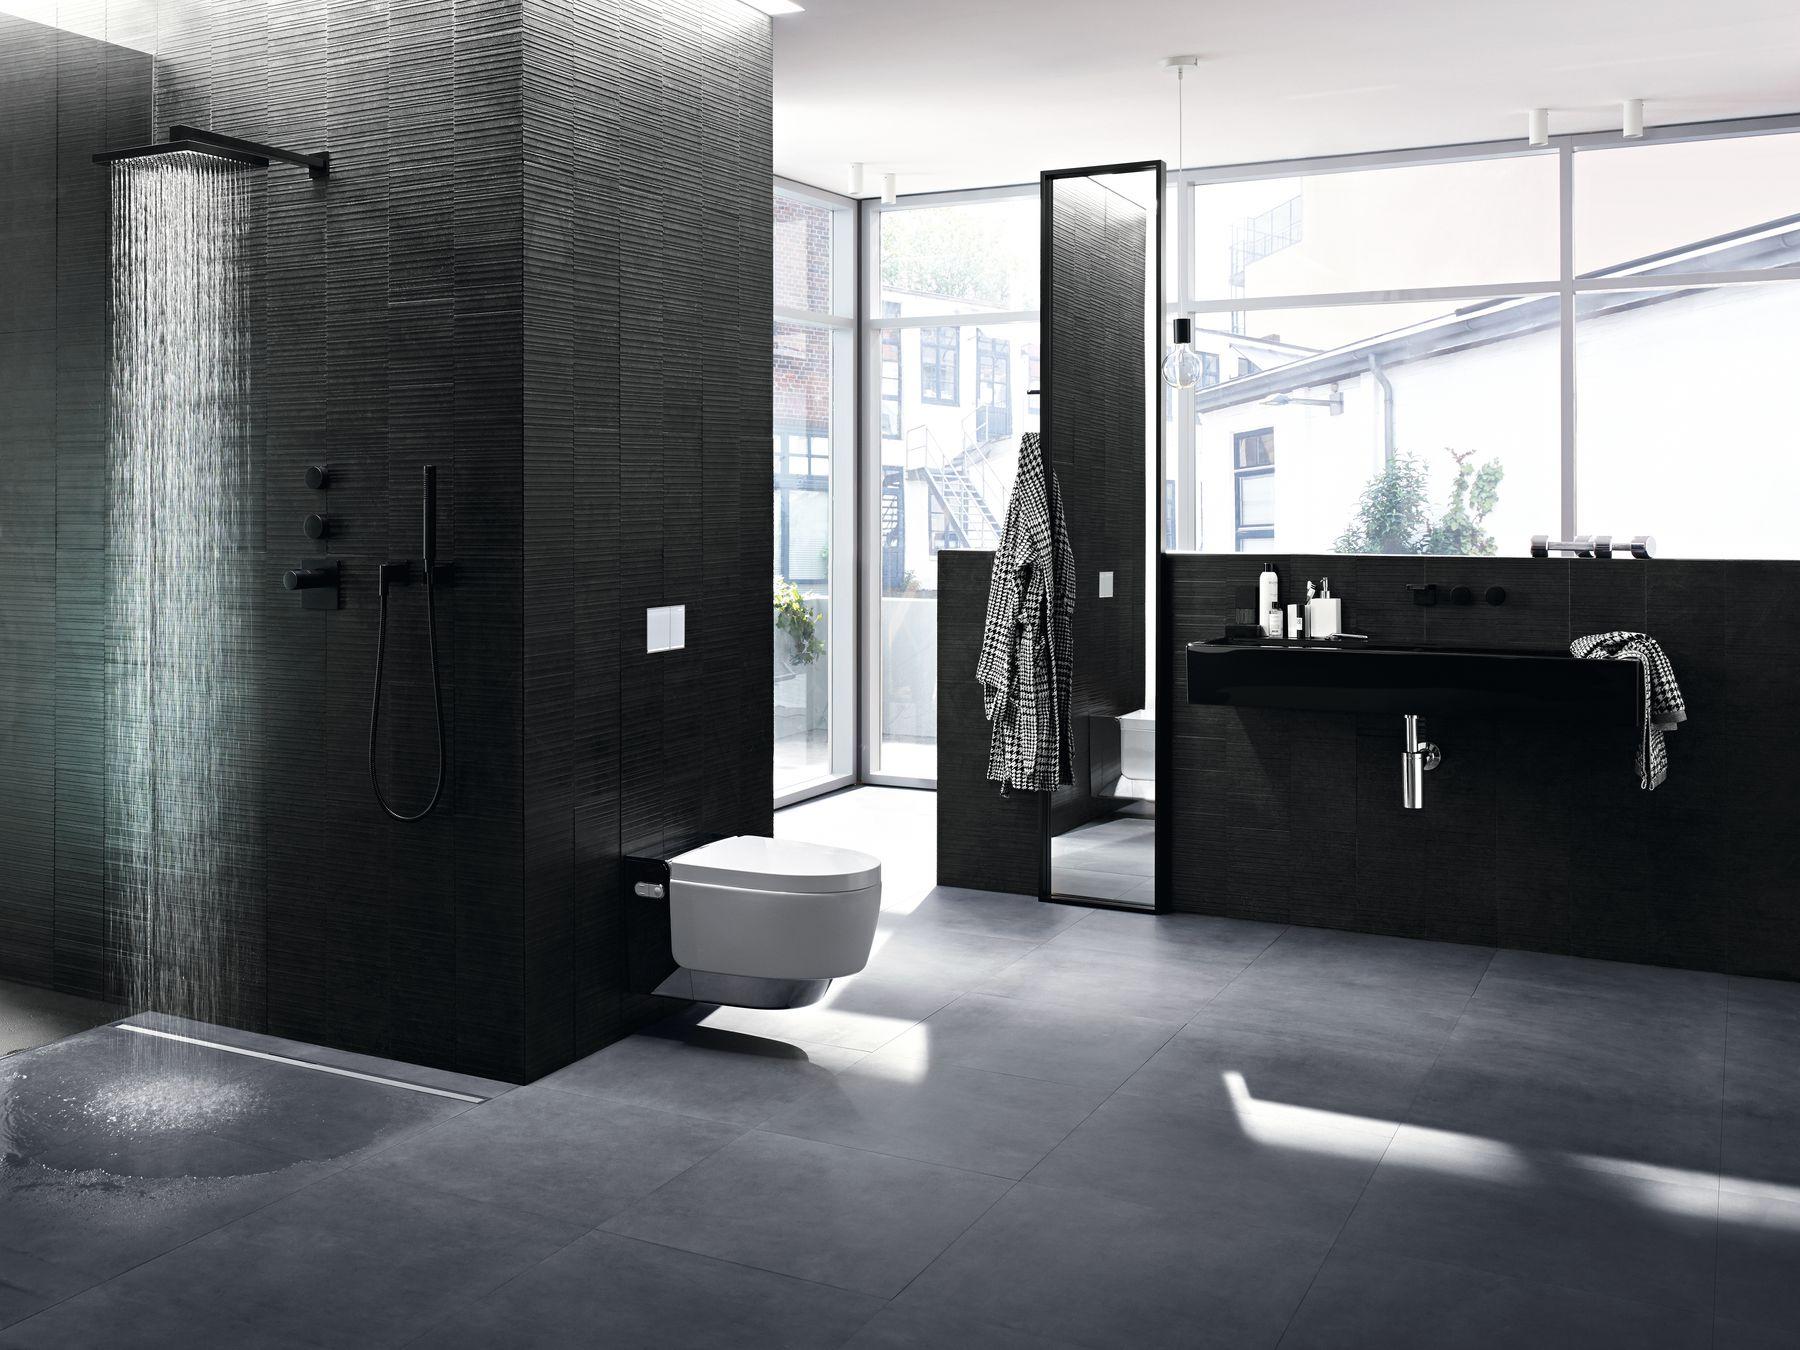 Elegancka łazienka, z prysznicem bezbrodzikowym, w odcieniach czerni, bieli i szarości, z oknami na całą ścianę